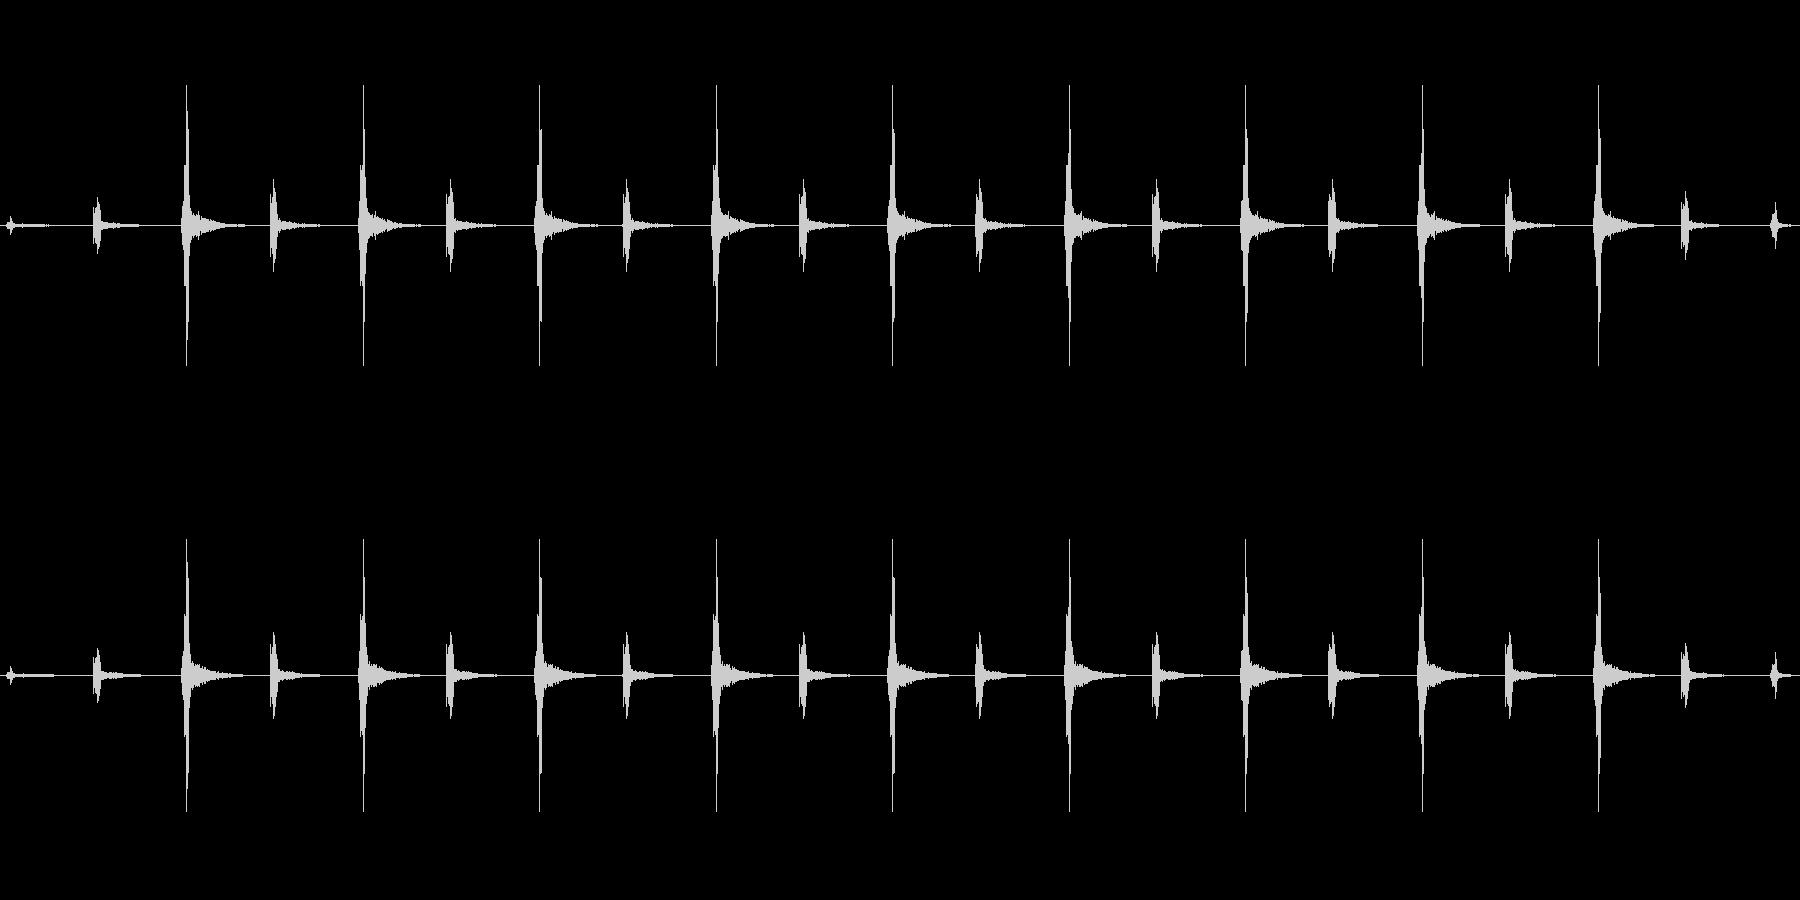 時計 ticktock_46-3_revの未再生の波形